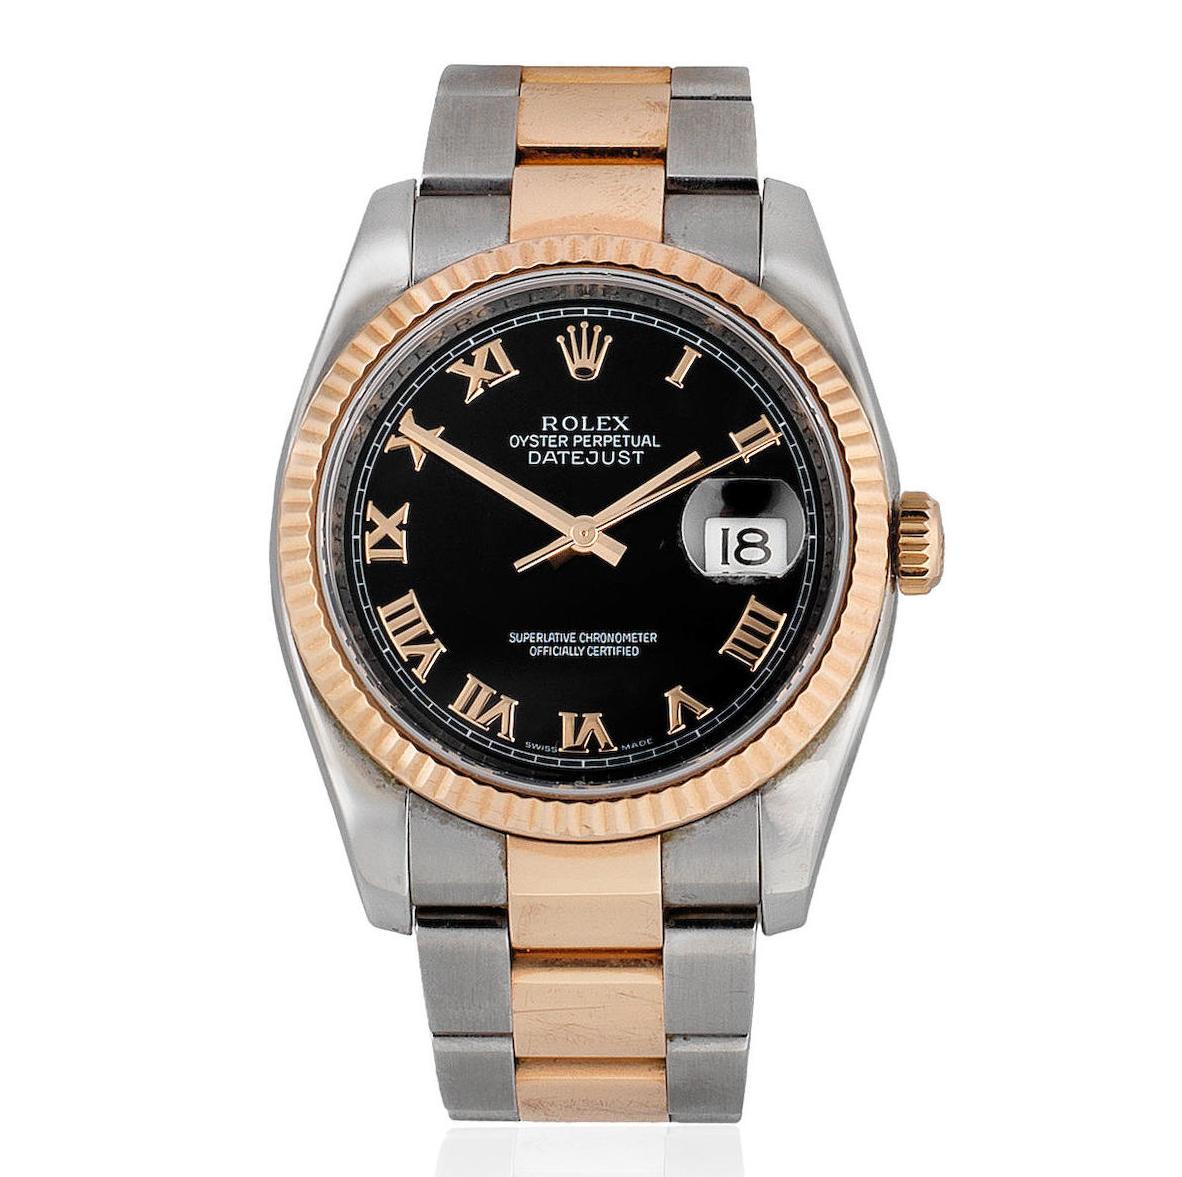 Watches and Wristwatches by Bonhams London, Knightsbridge - MondaniWeb